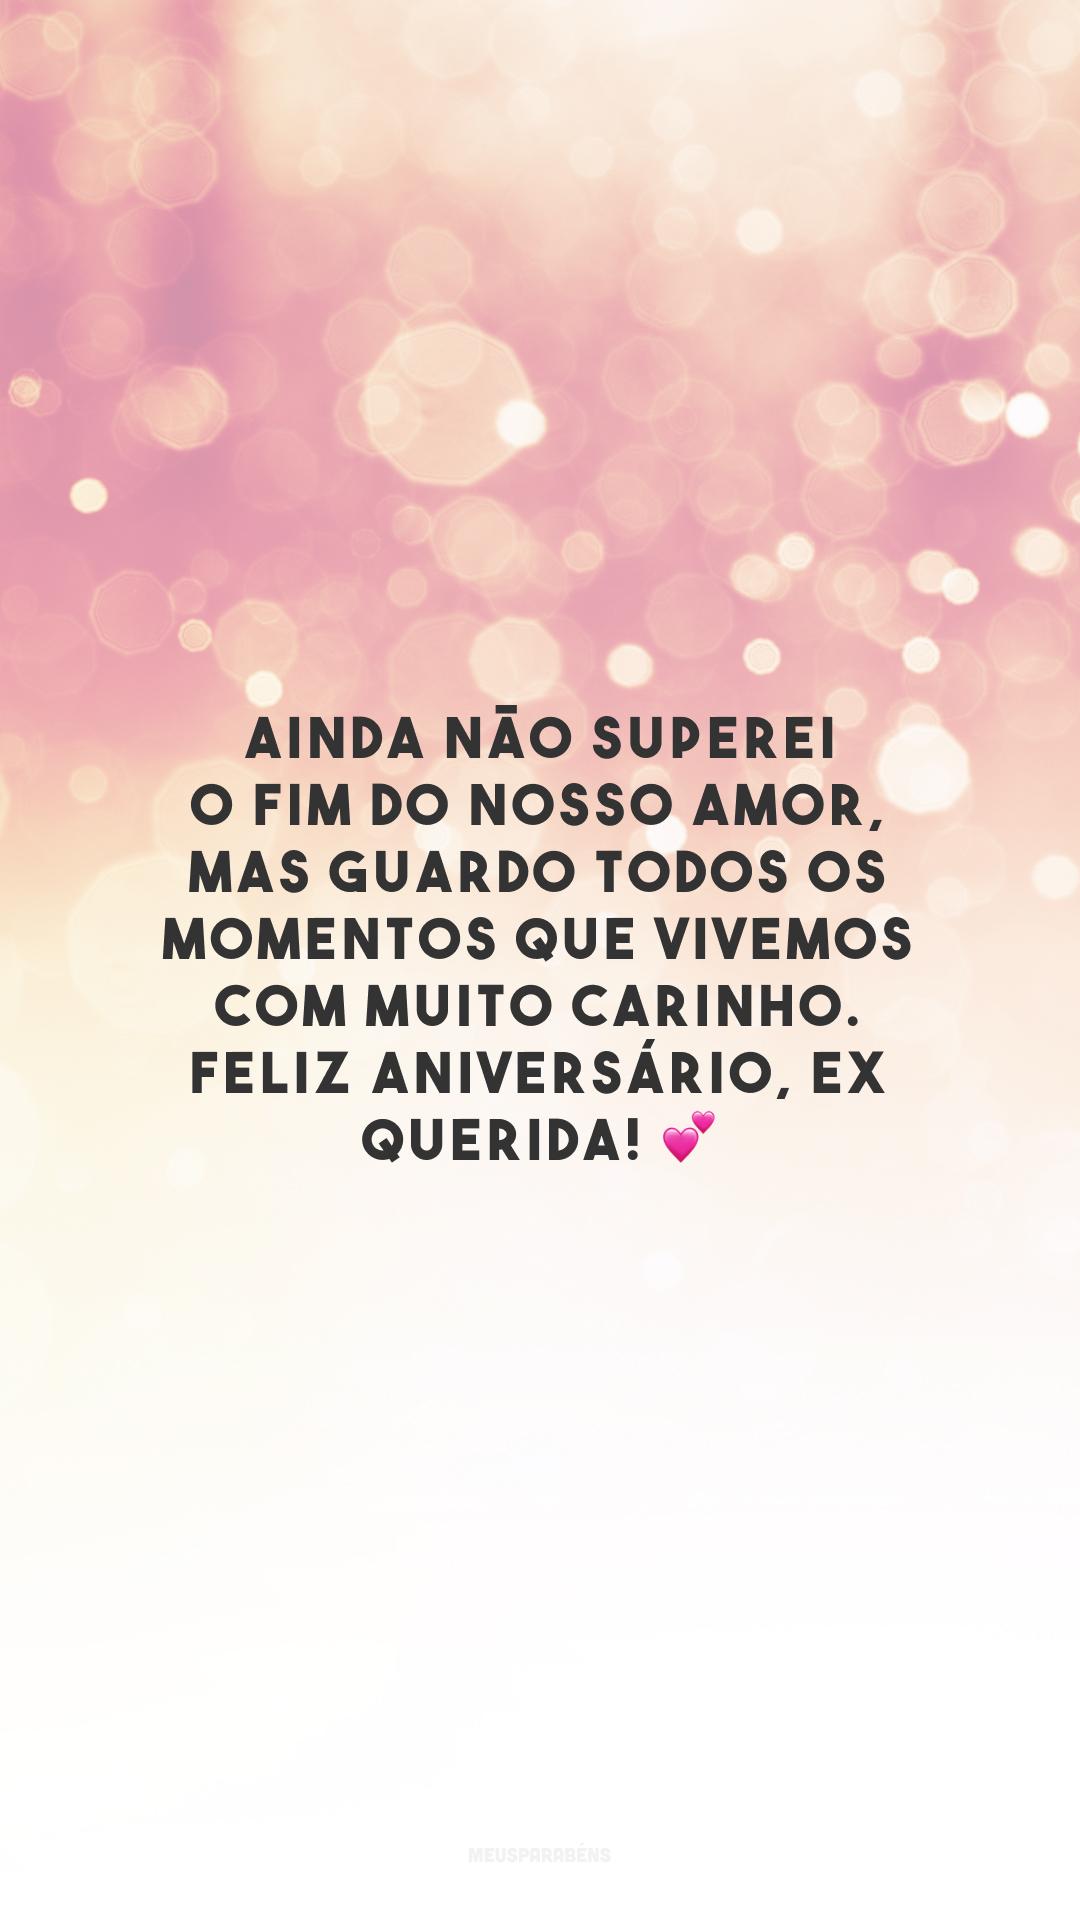 Ainda não superei o fim do nosso amor, mas guardo todos os momentos que vivemos com muito carinho. Feliz aniversário, ex querida! 💕